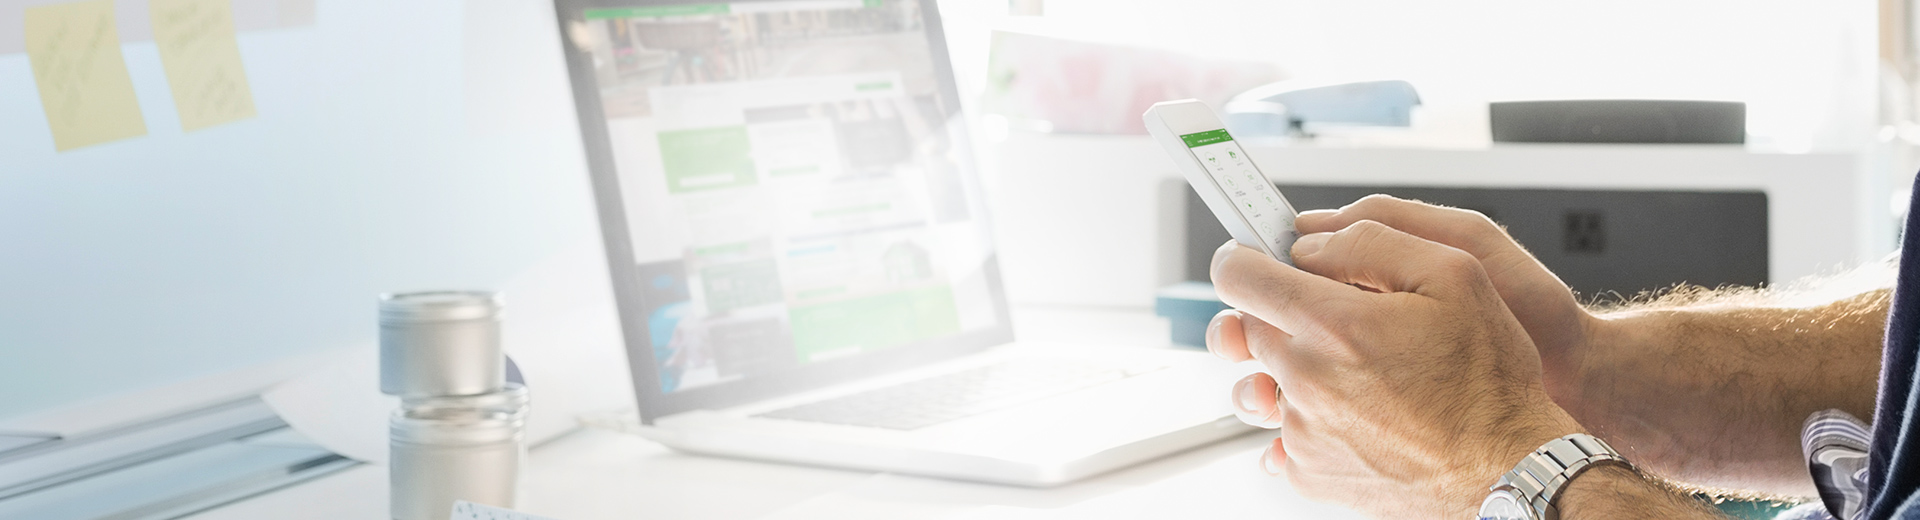 Bonifico E Giroconto Operazioni Semplici Con Banca Online Intesa